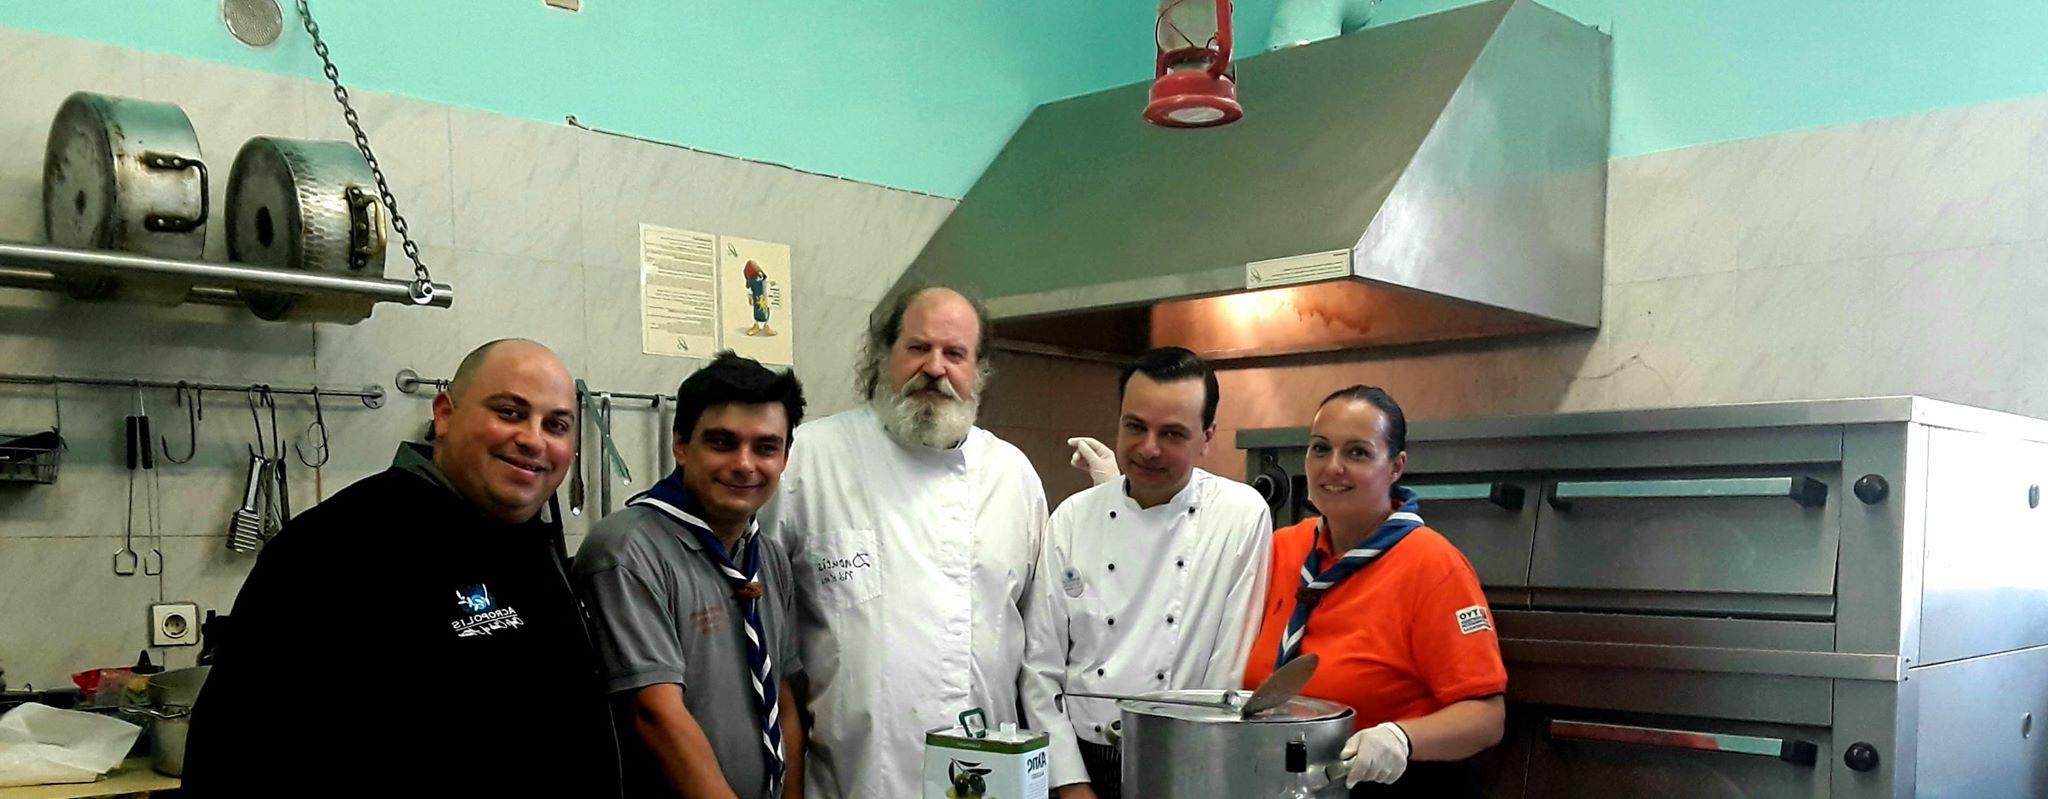 Εθελοντικό Μαγείρεμα για τους Πυρόπληκτους